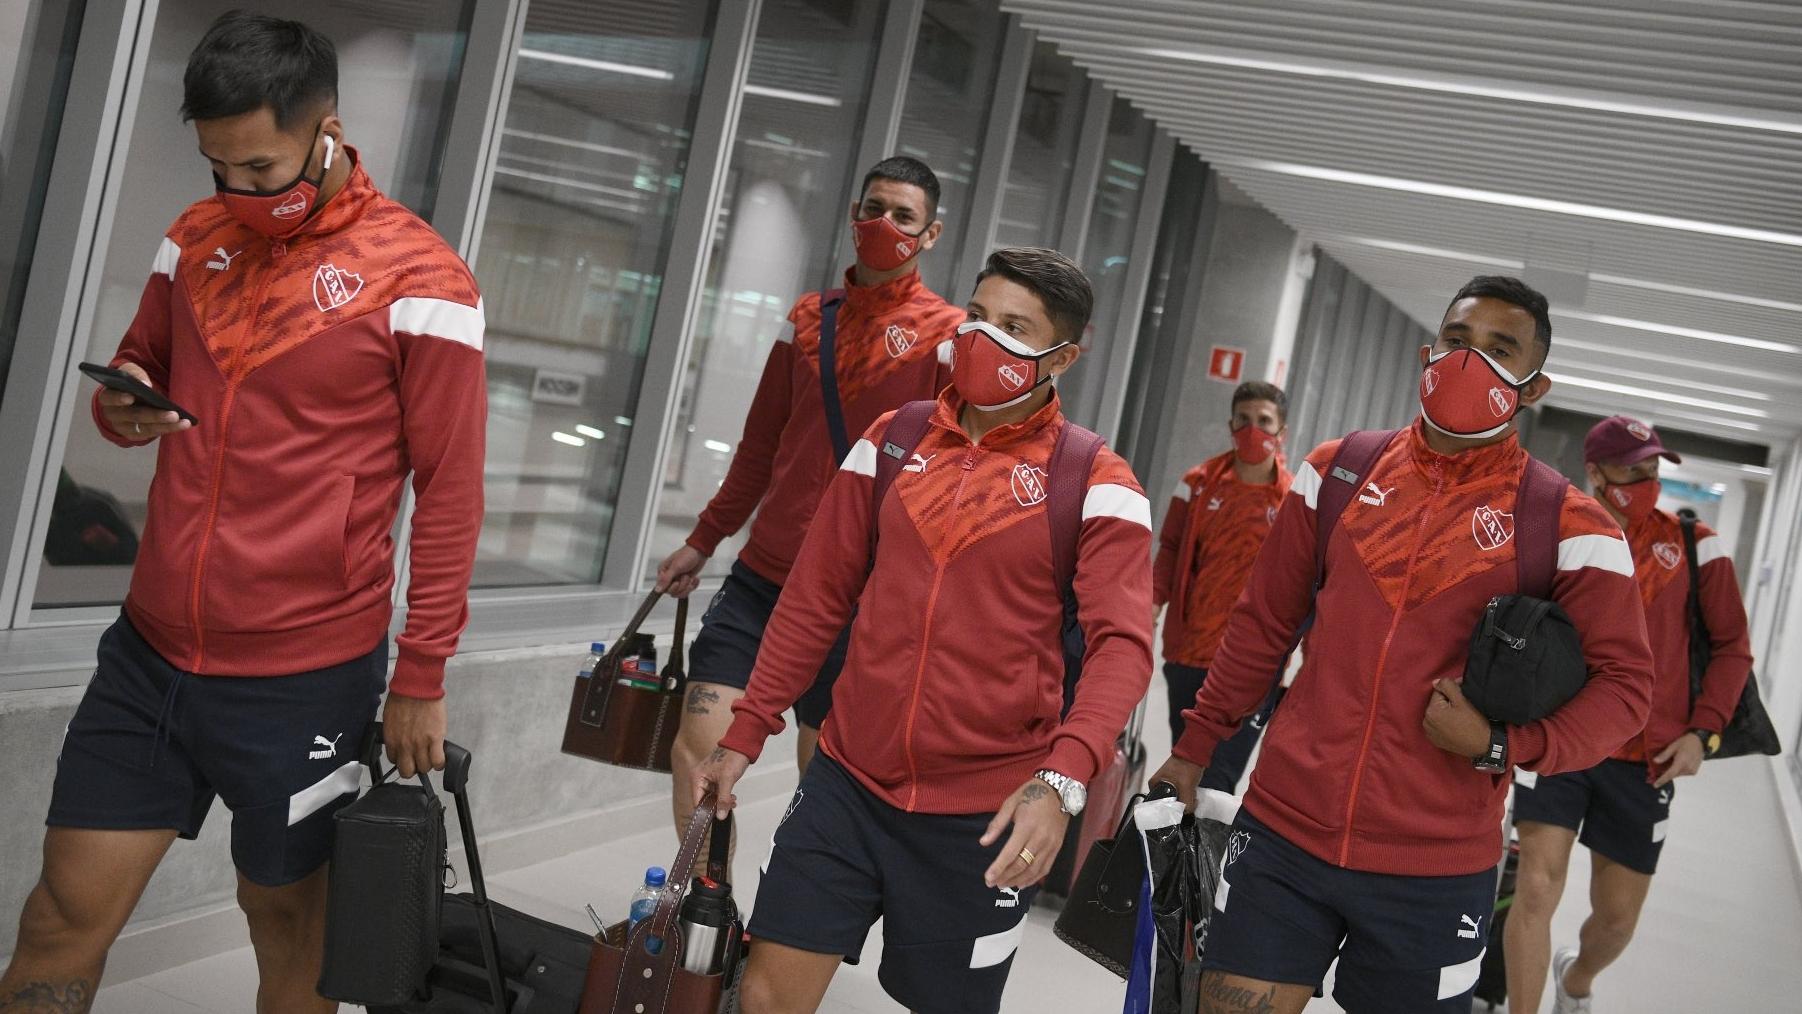 Escándalo: por casos de COVID, jugadores de Independiente quedaron varados en aeropuerto de Brasil